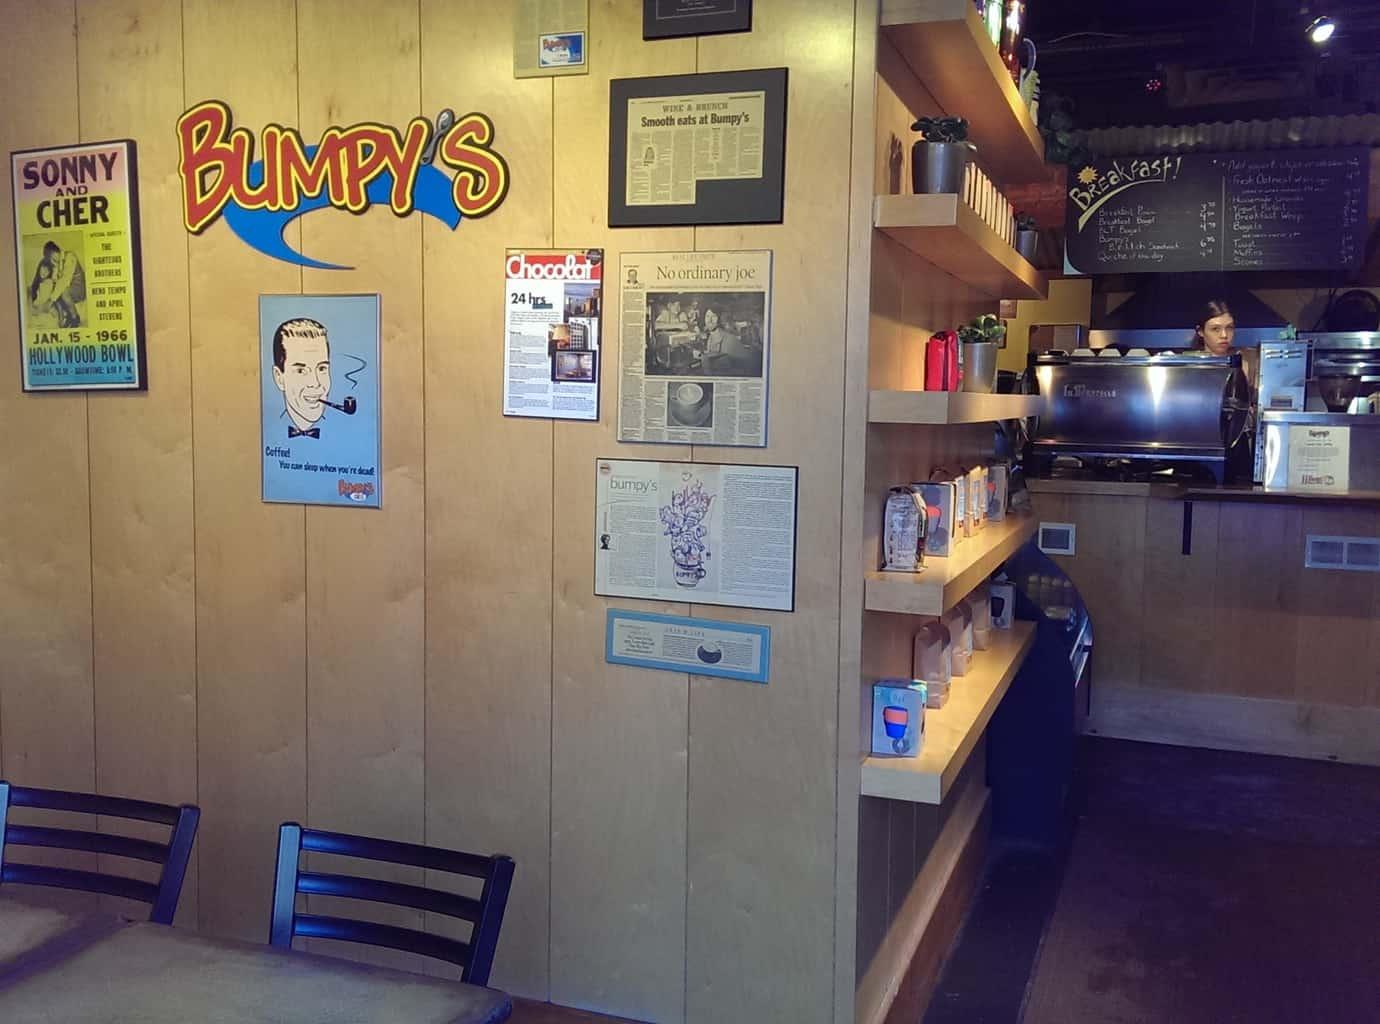 Bumpy's calgary cafe